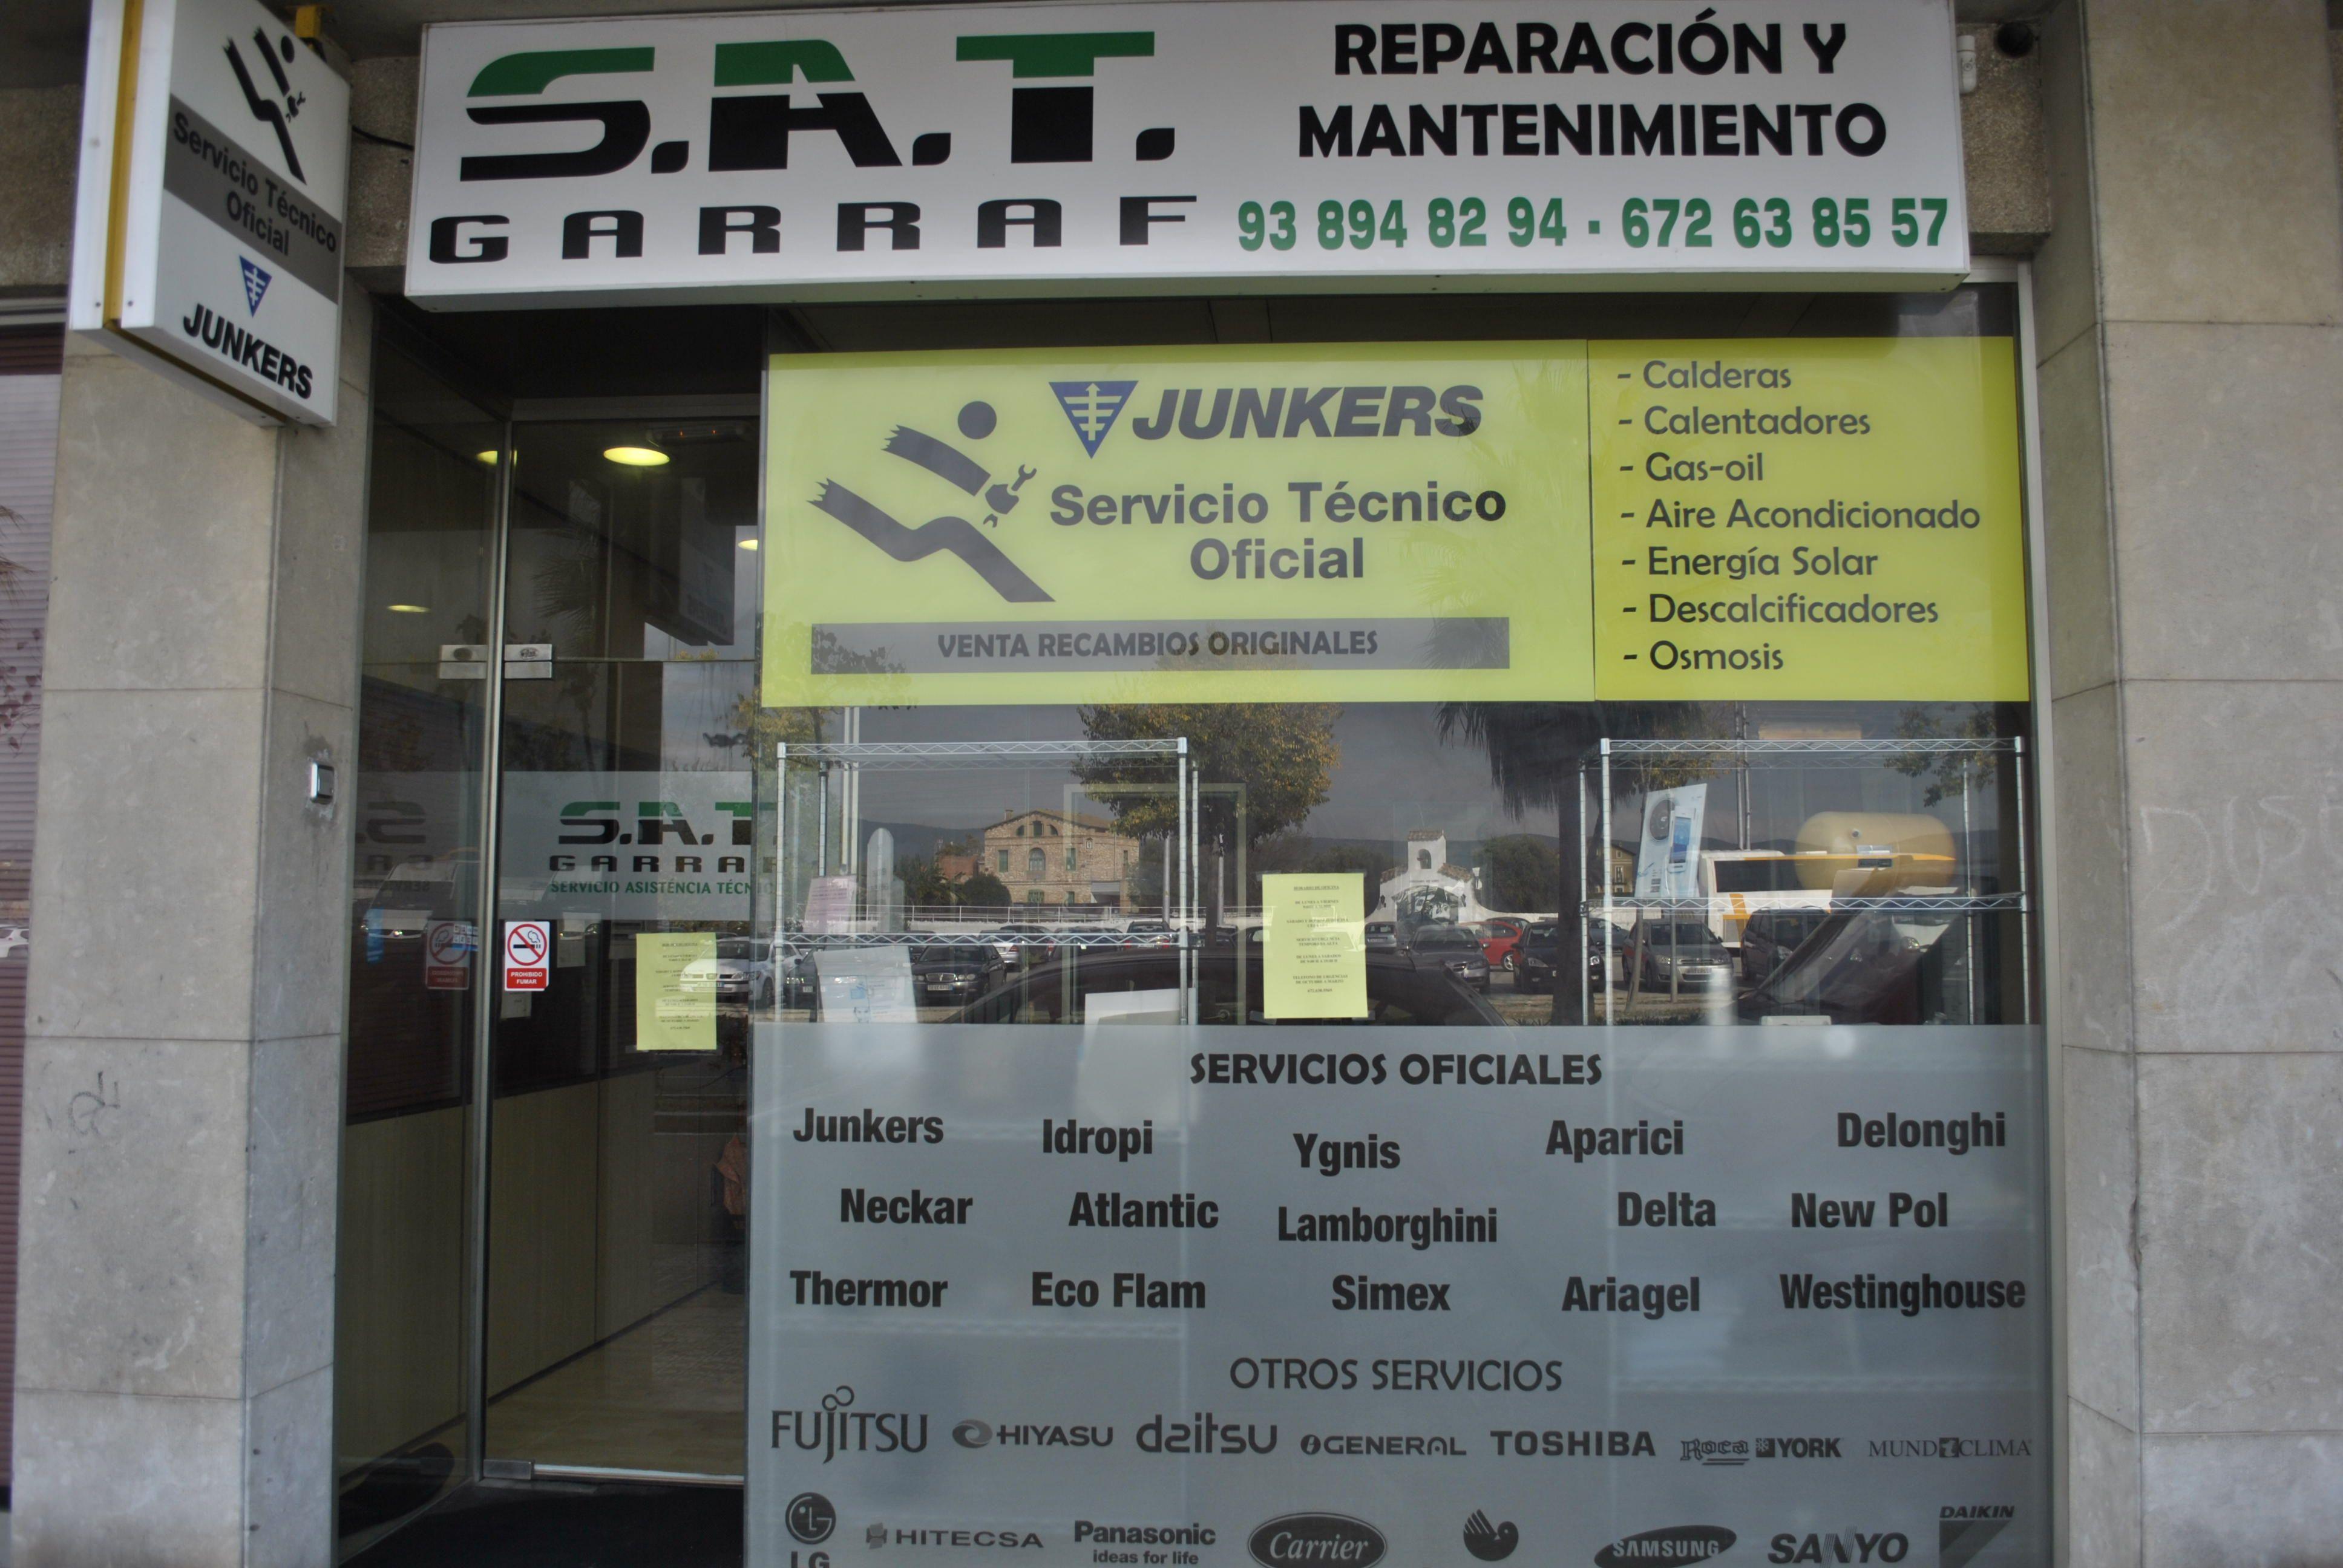 Entrada S.A.T Servei